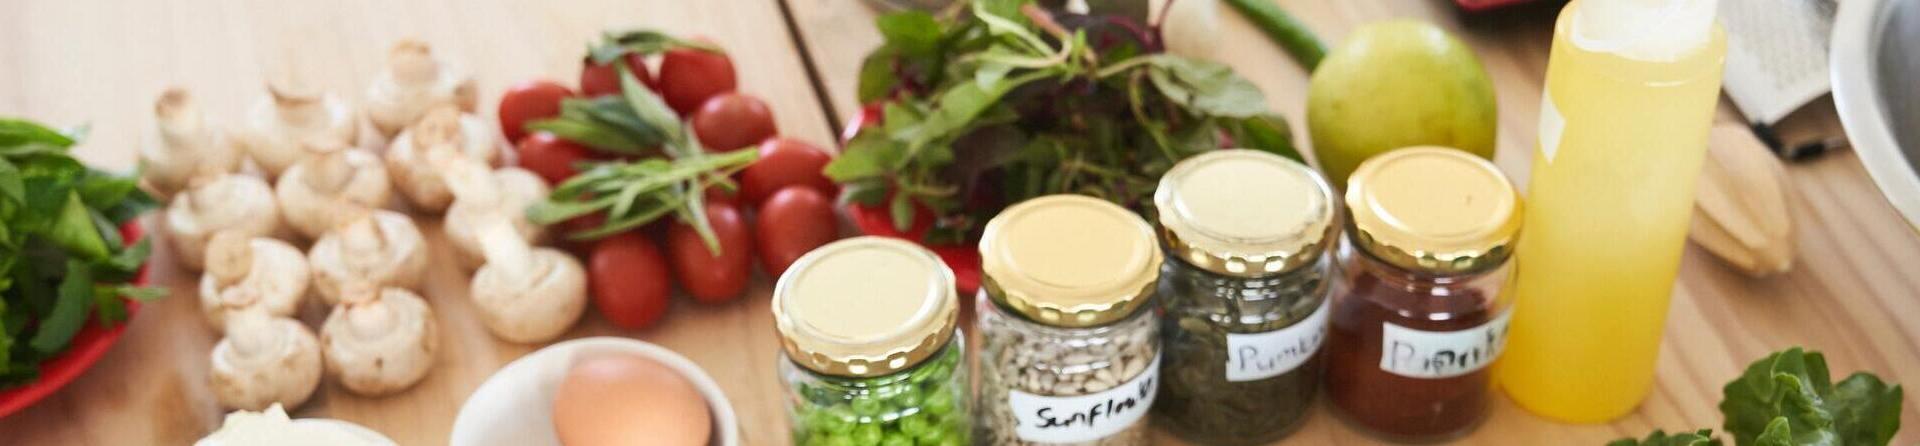 gipsy chef y glovo se alían para ofrecerte clases de cocina online